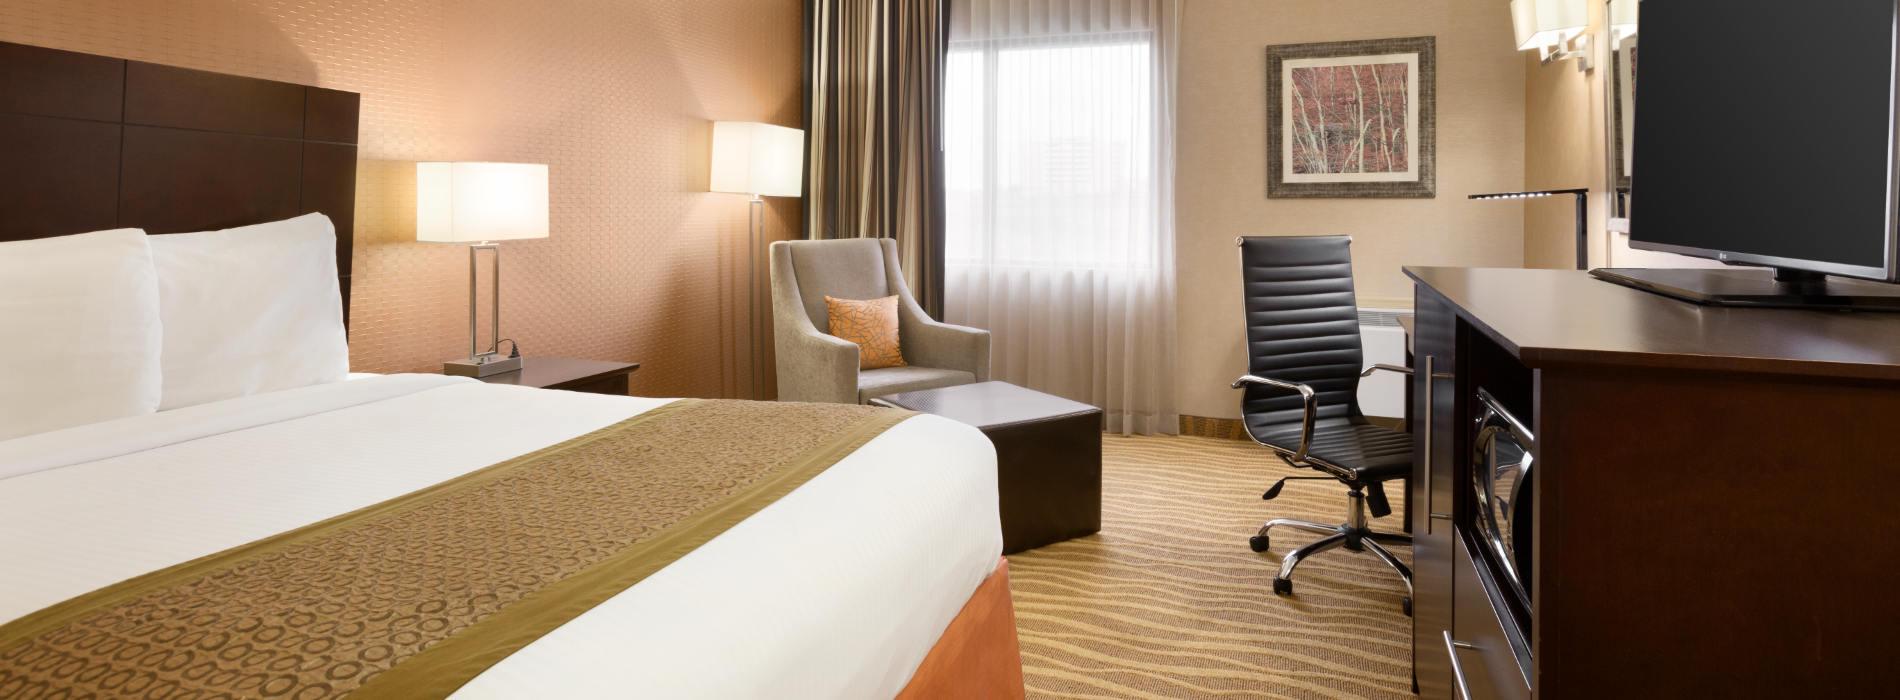 هتل پارک این رادیسون دهلی